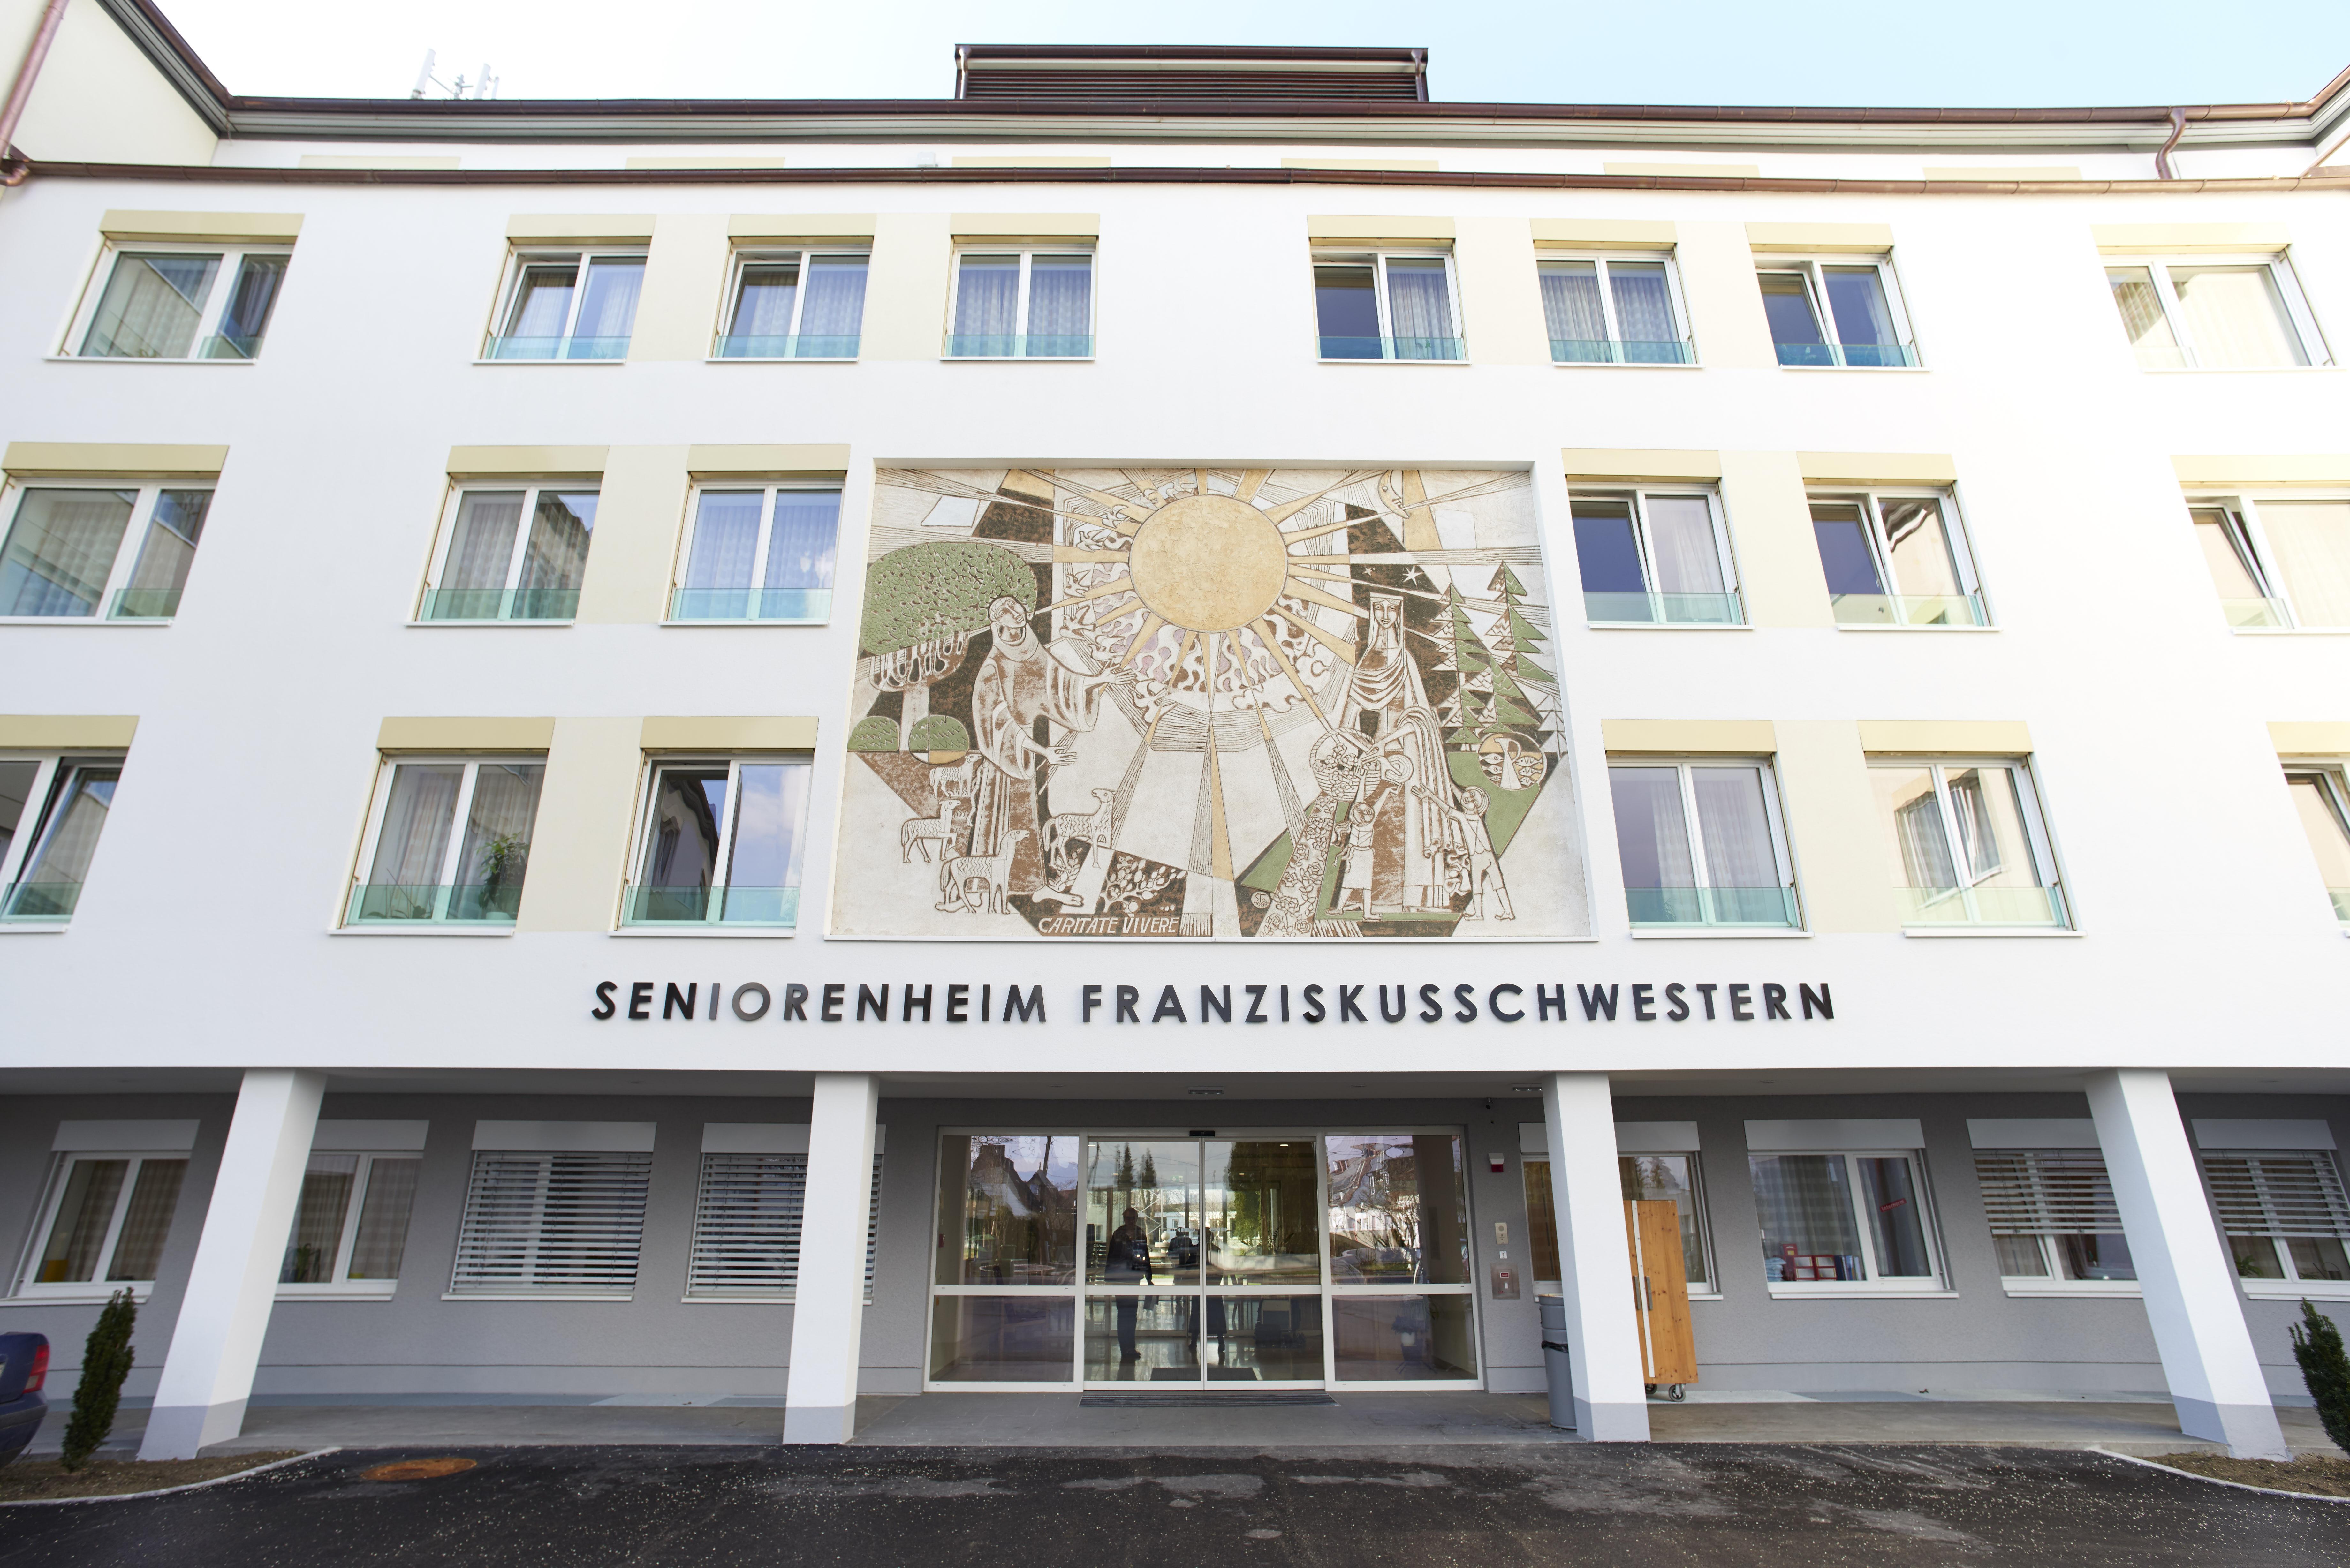 Seniorenheim Franziskusschwestern Linz 022018